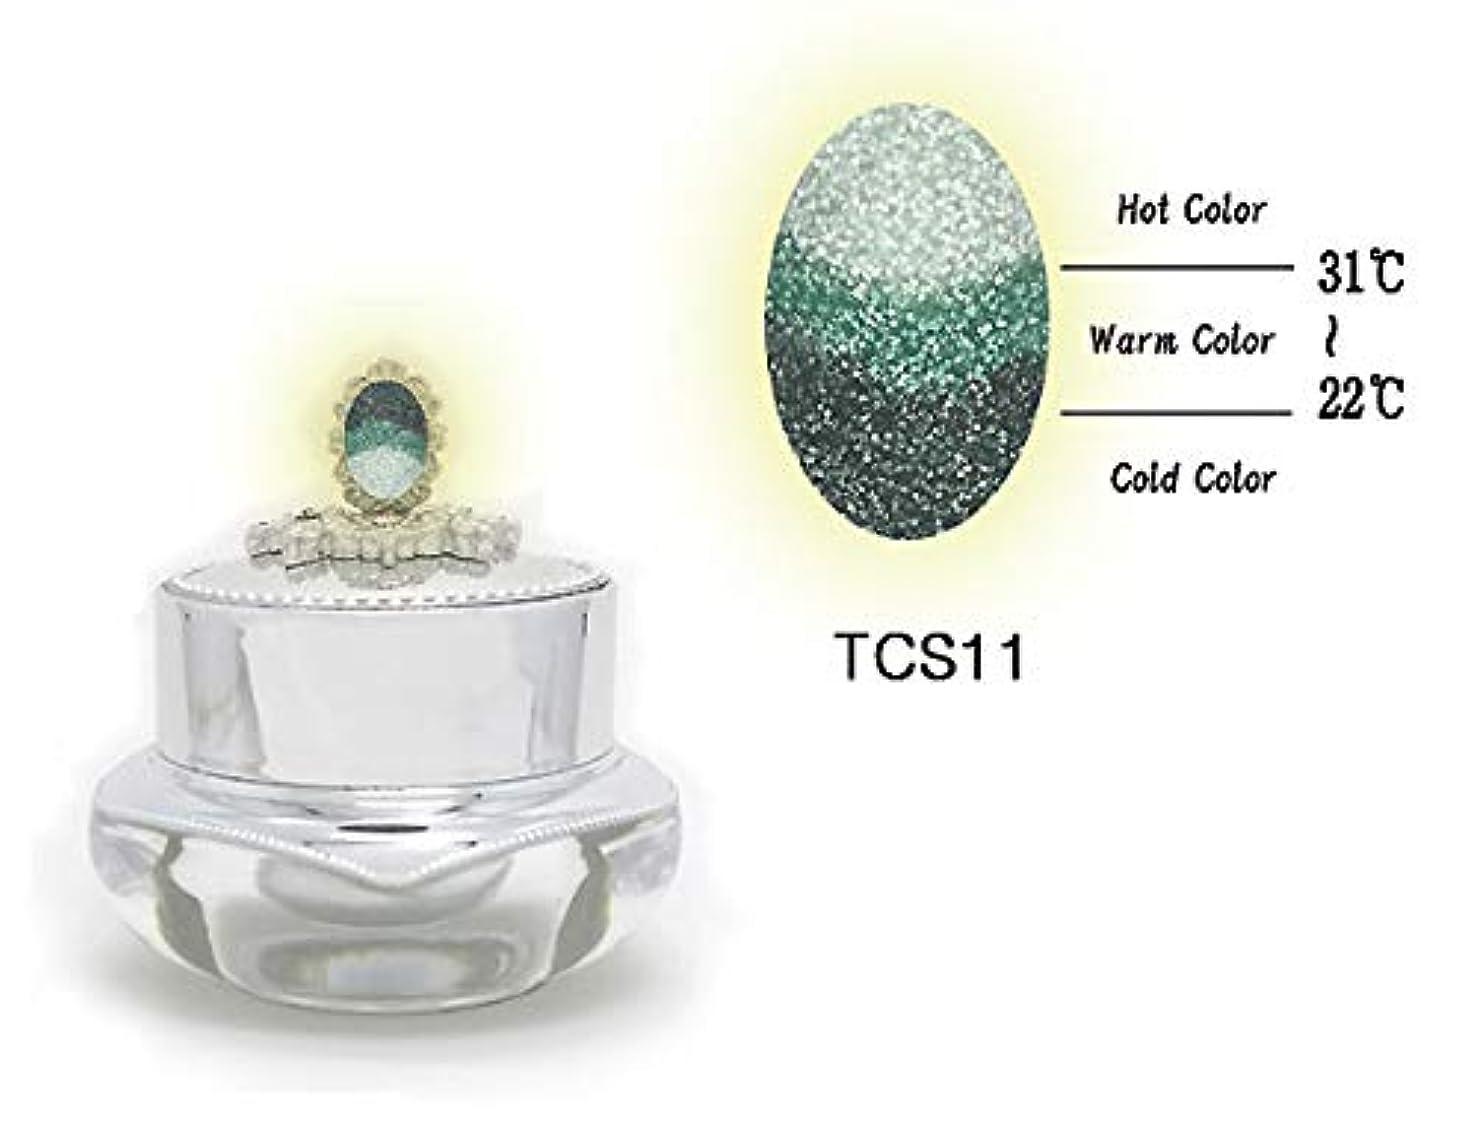 安西燃料縁石KENZICO (ケンジコ) Triple Sugar Gel プロ用5g 【TCS11】 3つの色に変わる夜光ジェル トリプルシュガージェル